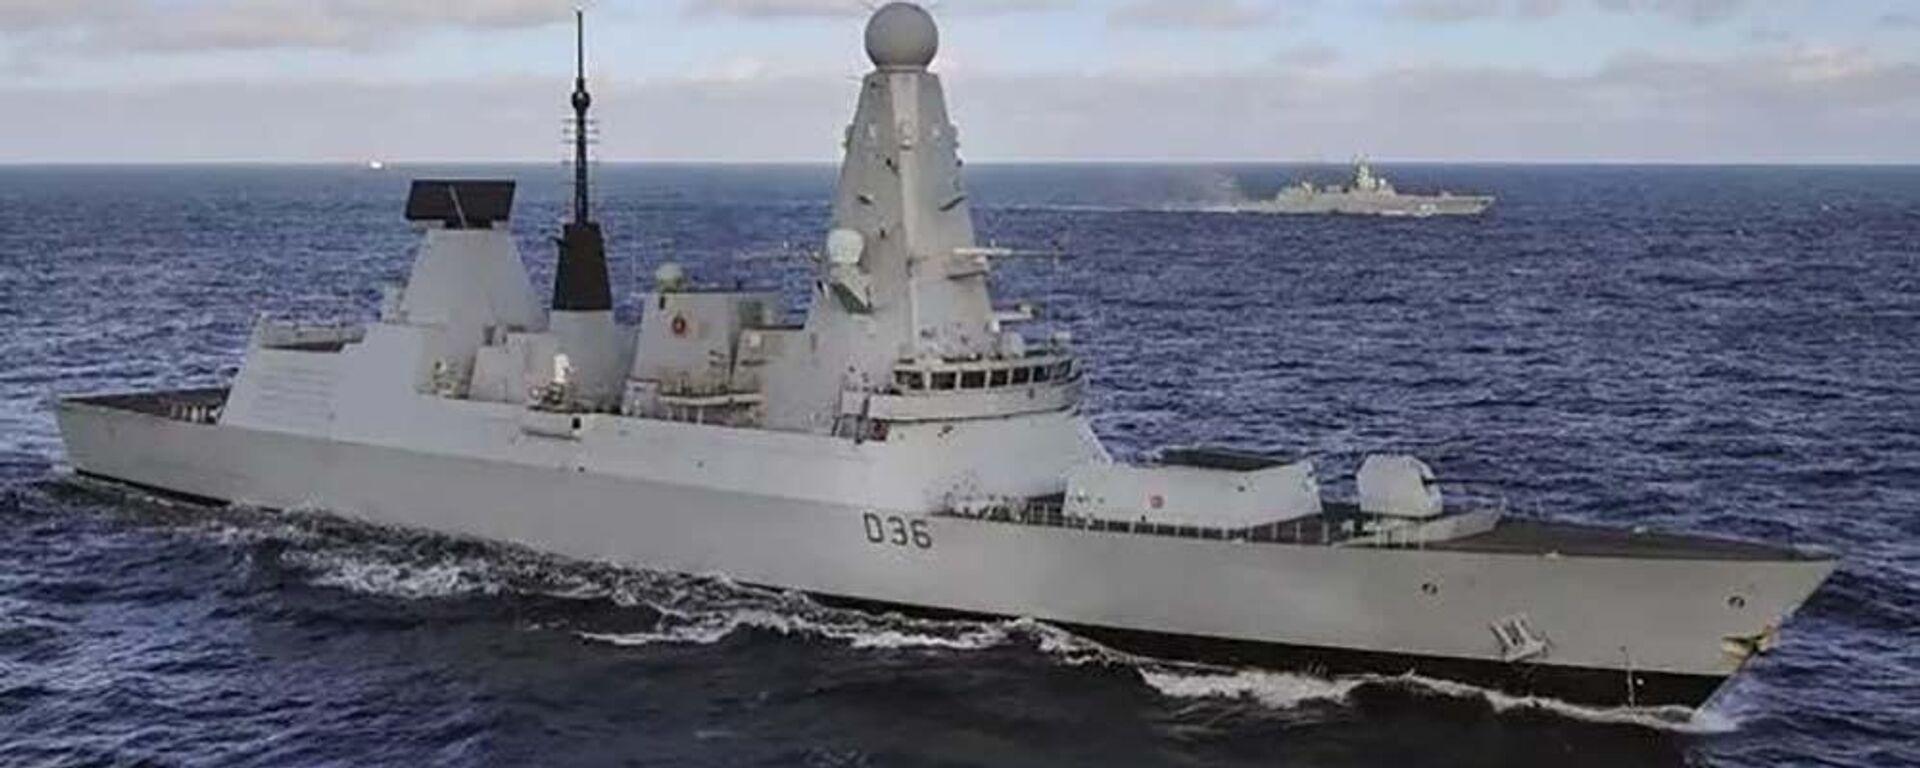 Британский эсминец Defender сопровождает группу российских военных кораблей в проливе Ла–Манш - Sputnik Таджикистан, 1920, 23.06.2021